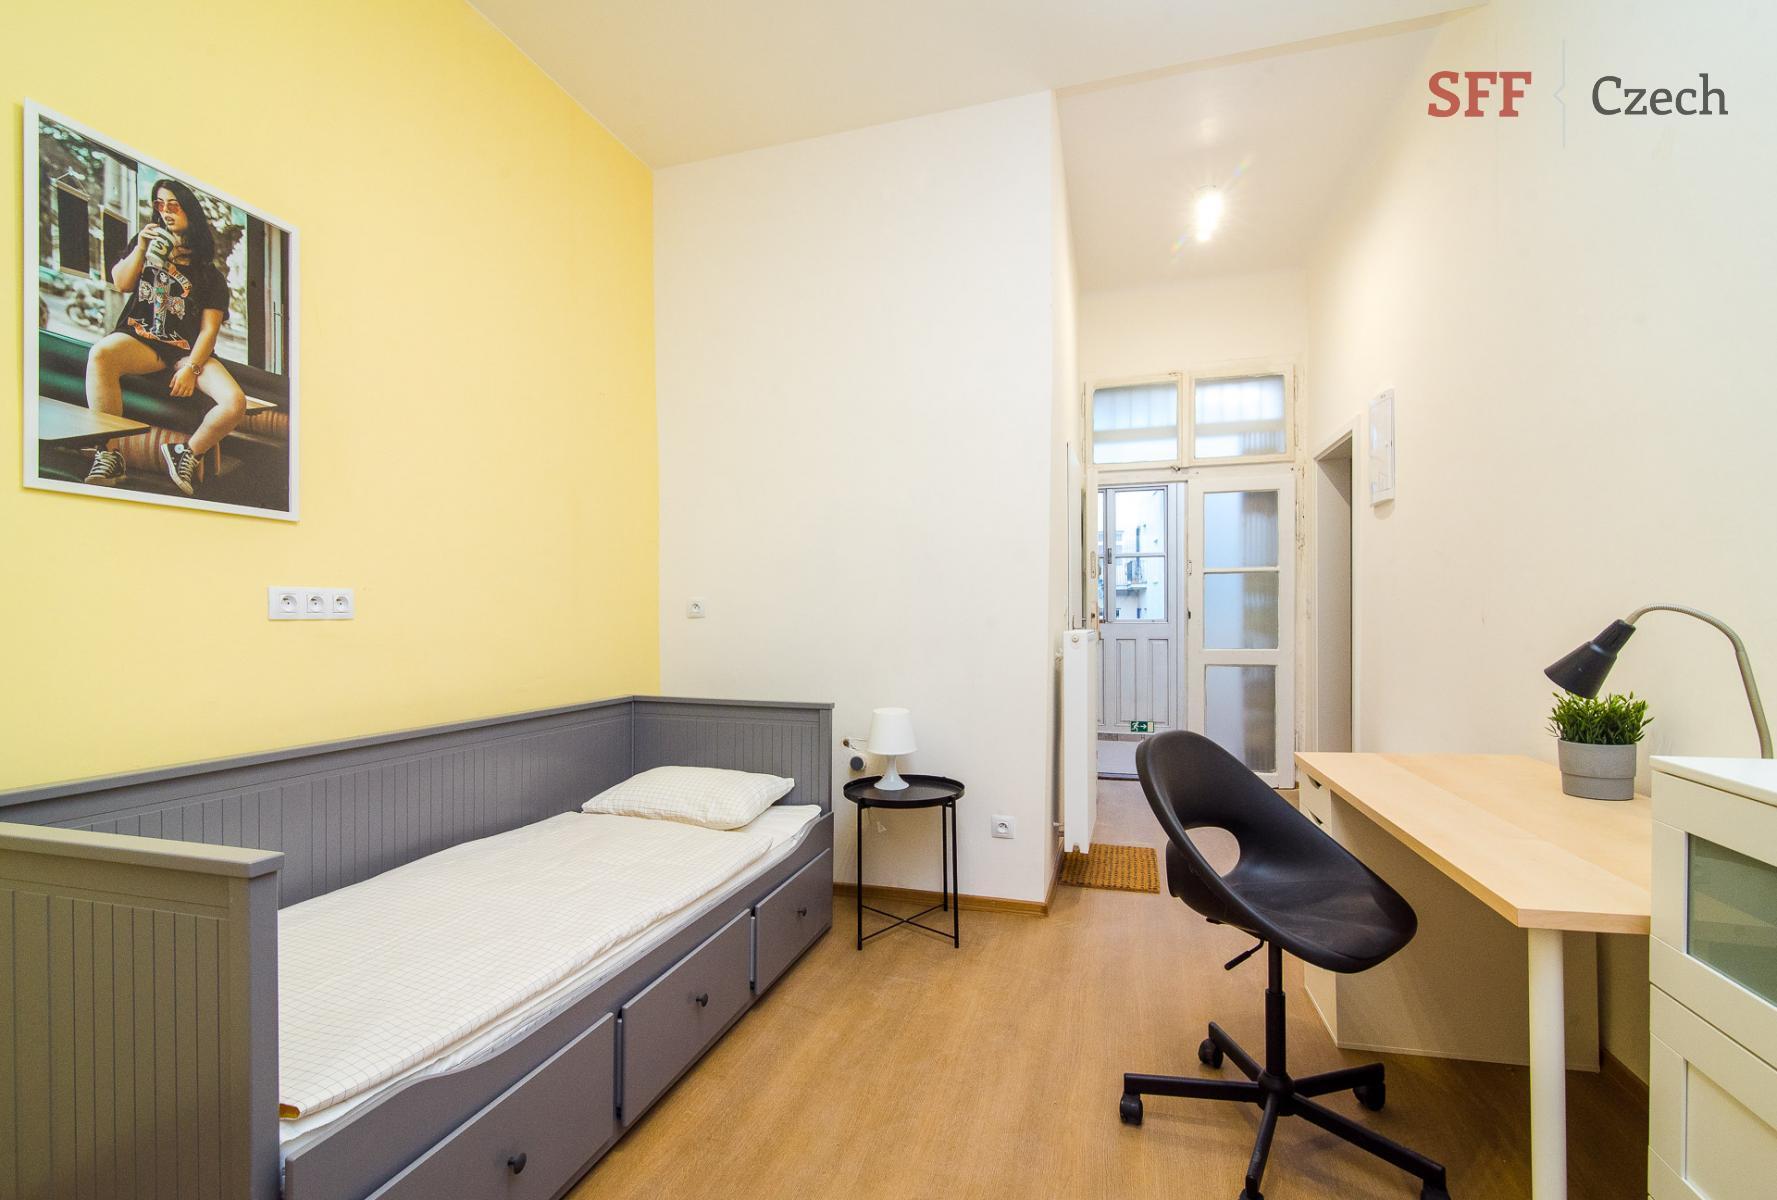 Pěkný plně zařízený pokoj k pronájmu v Praze 2 blízko metra I.P.Pavlova a náměstí Míru ve sdíleném b